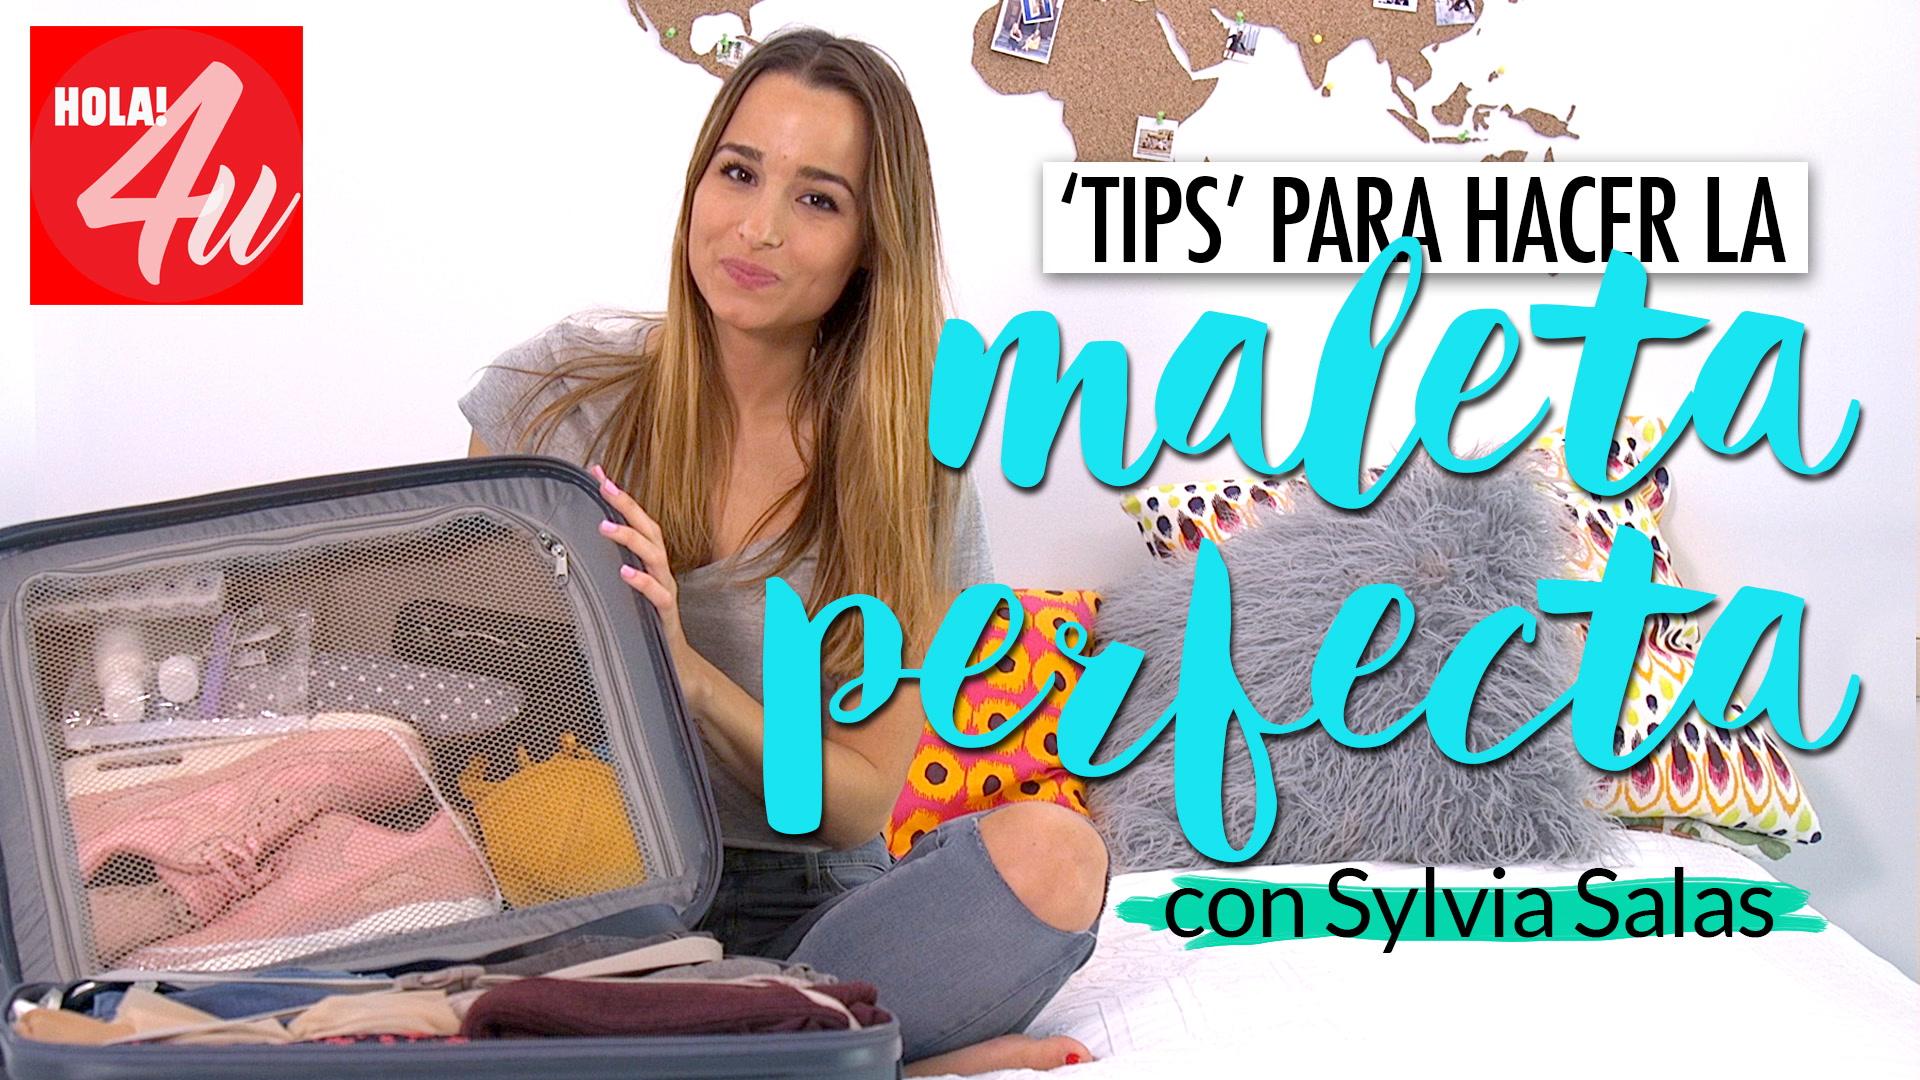 Cómo hacer la maleta perfecta con Sylvia Salas